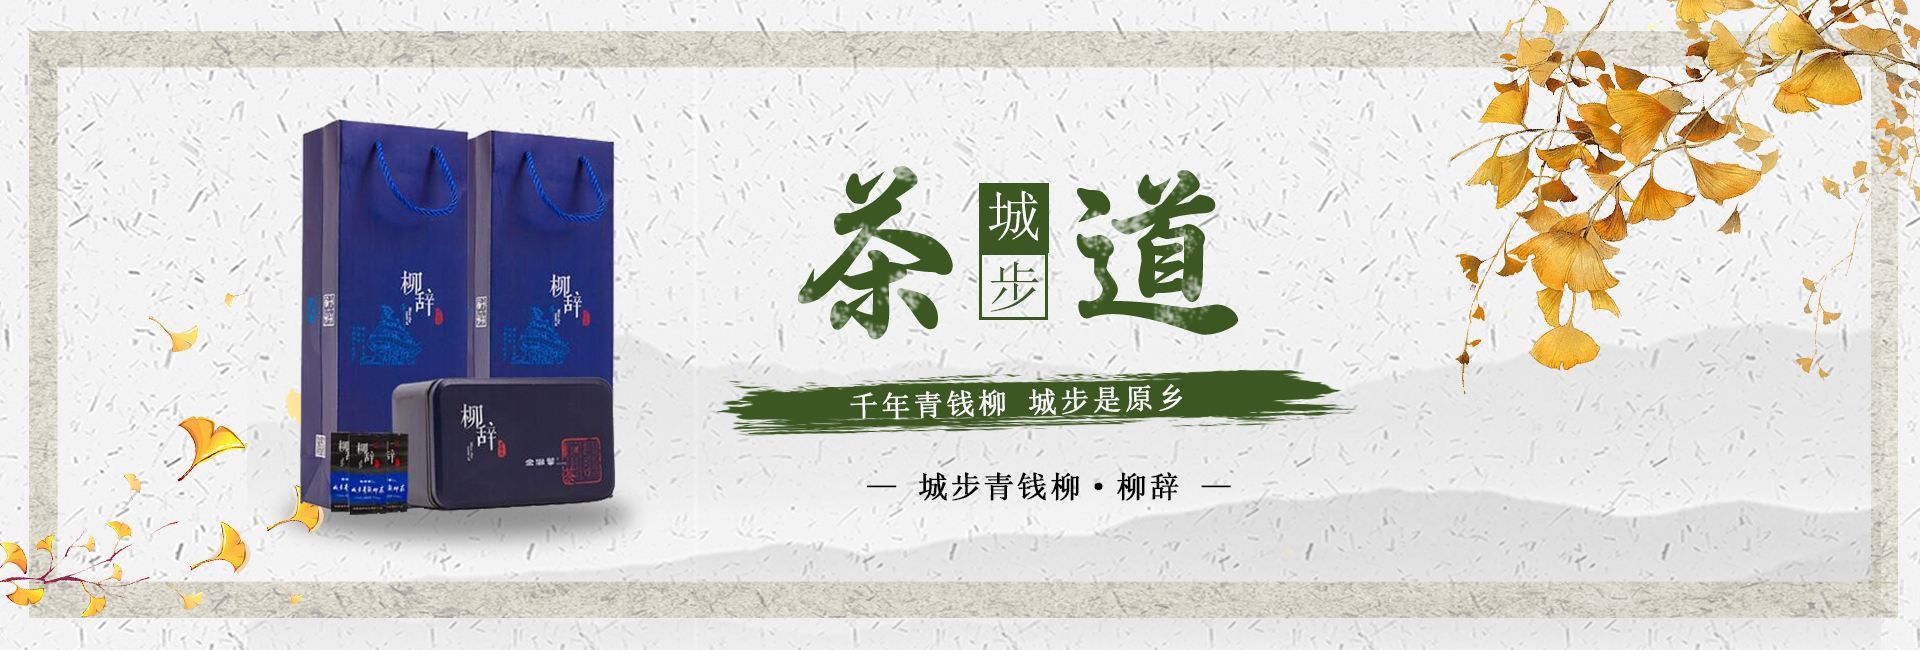 城步青钱柳·柳辞